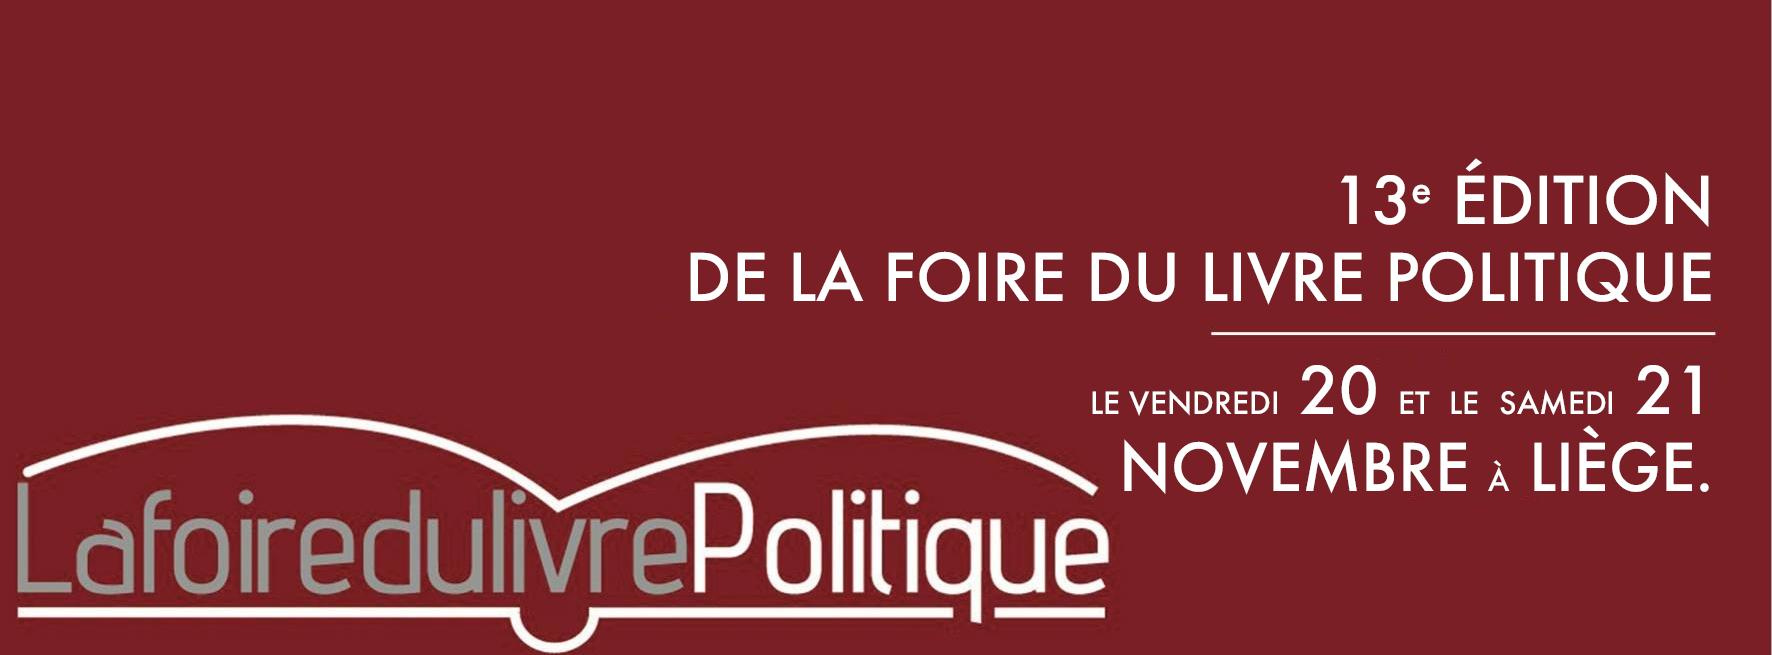 Foire du livre politique – 13e édition